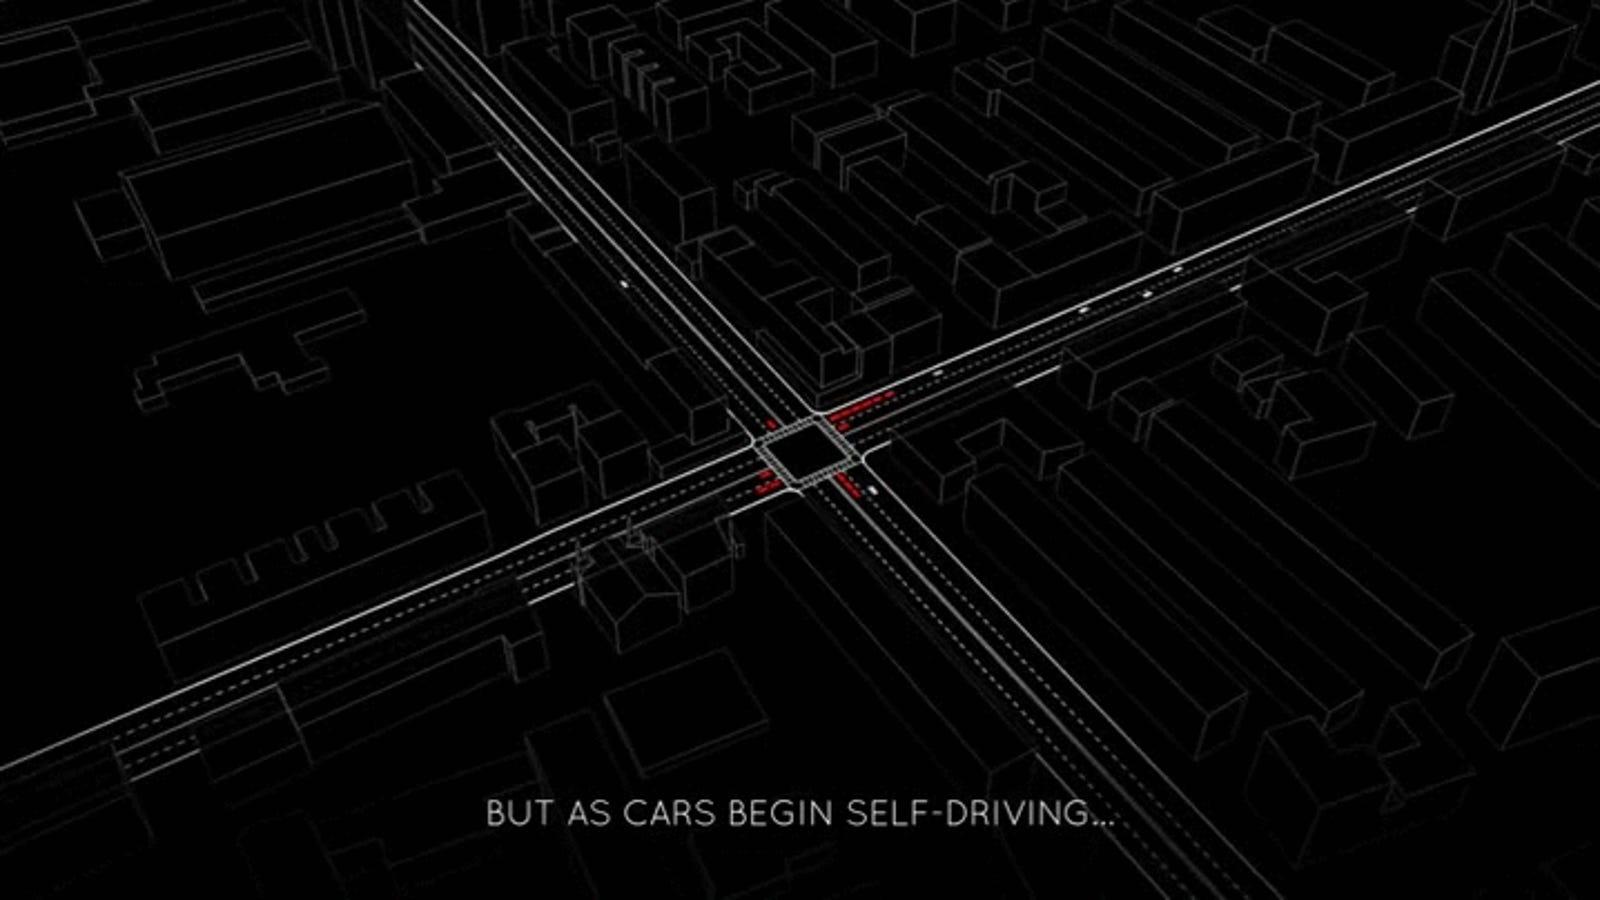 When Autonomous Vehicles Roam the Roads, We Won't Need Stop Lights